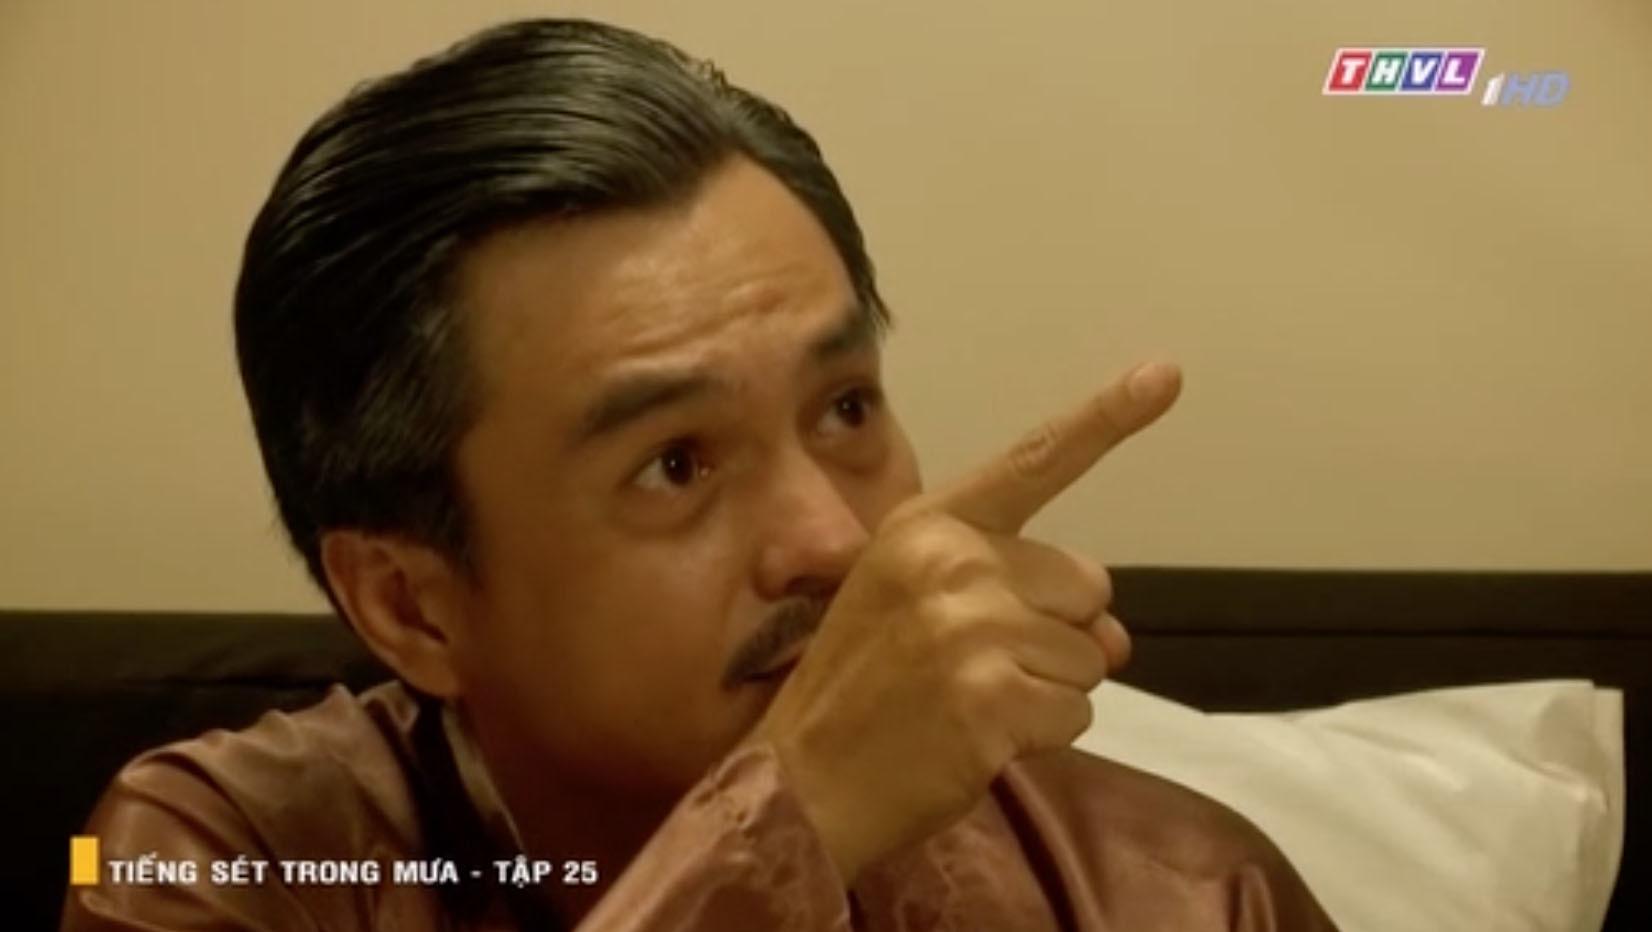 'Tiếng sét trong mưa' tập 25: Cao Minh Đạt không chịu ân ái vợ trẻ vì nhớ mùi tình cũ